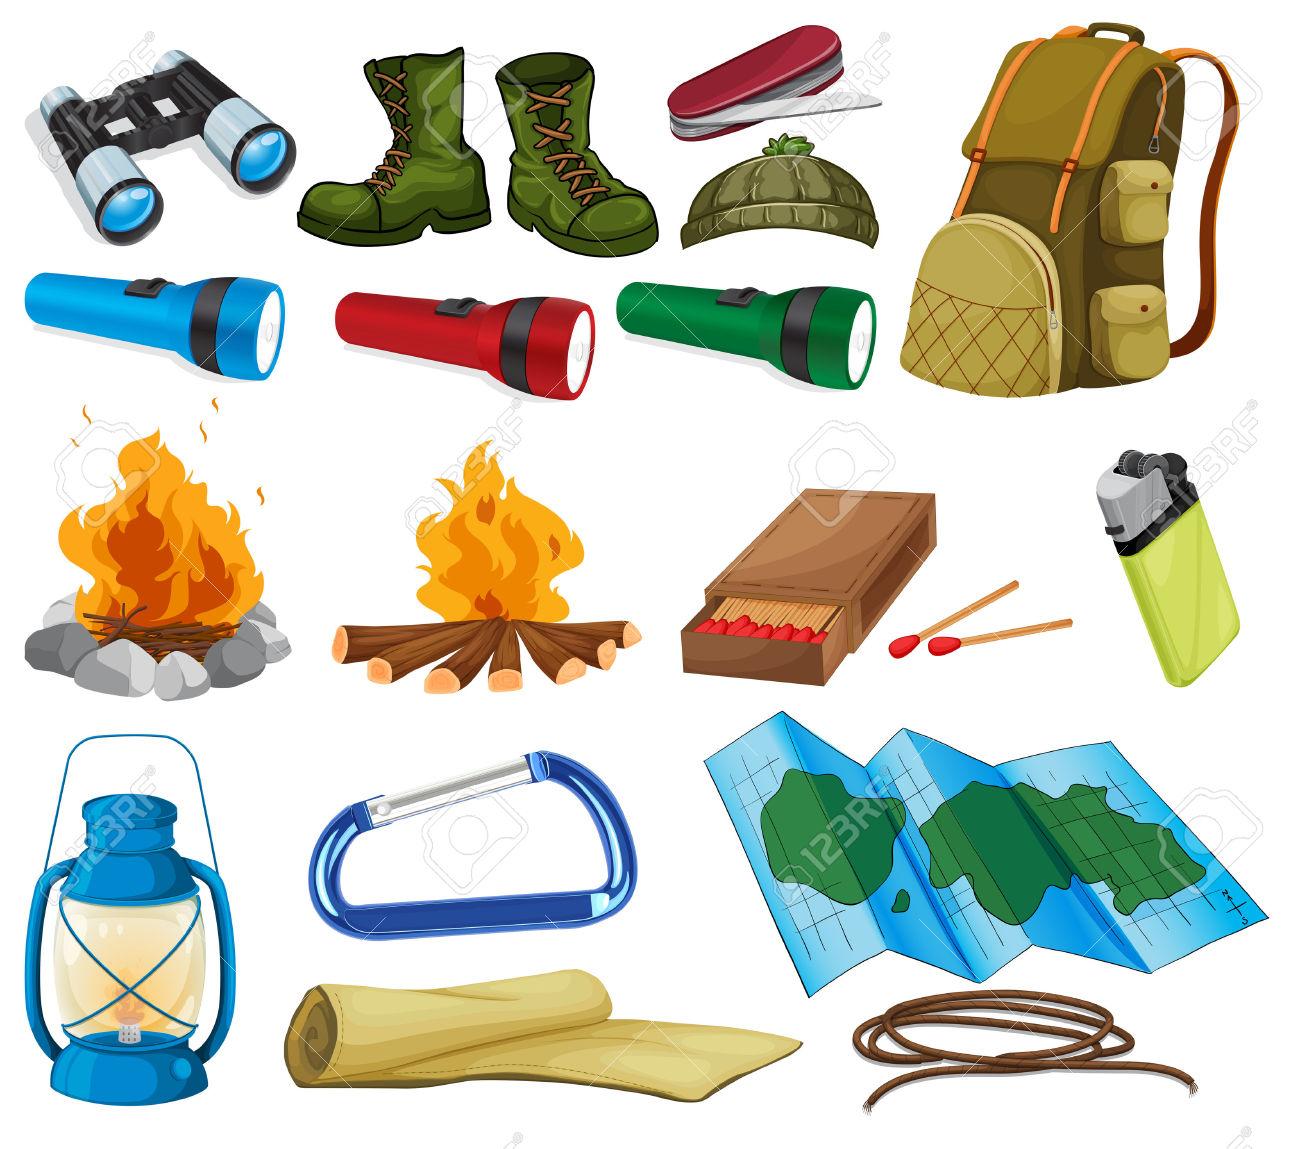 Camping clipart sightseeing Clipart Sightseeing Tiny Clipart #33